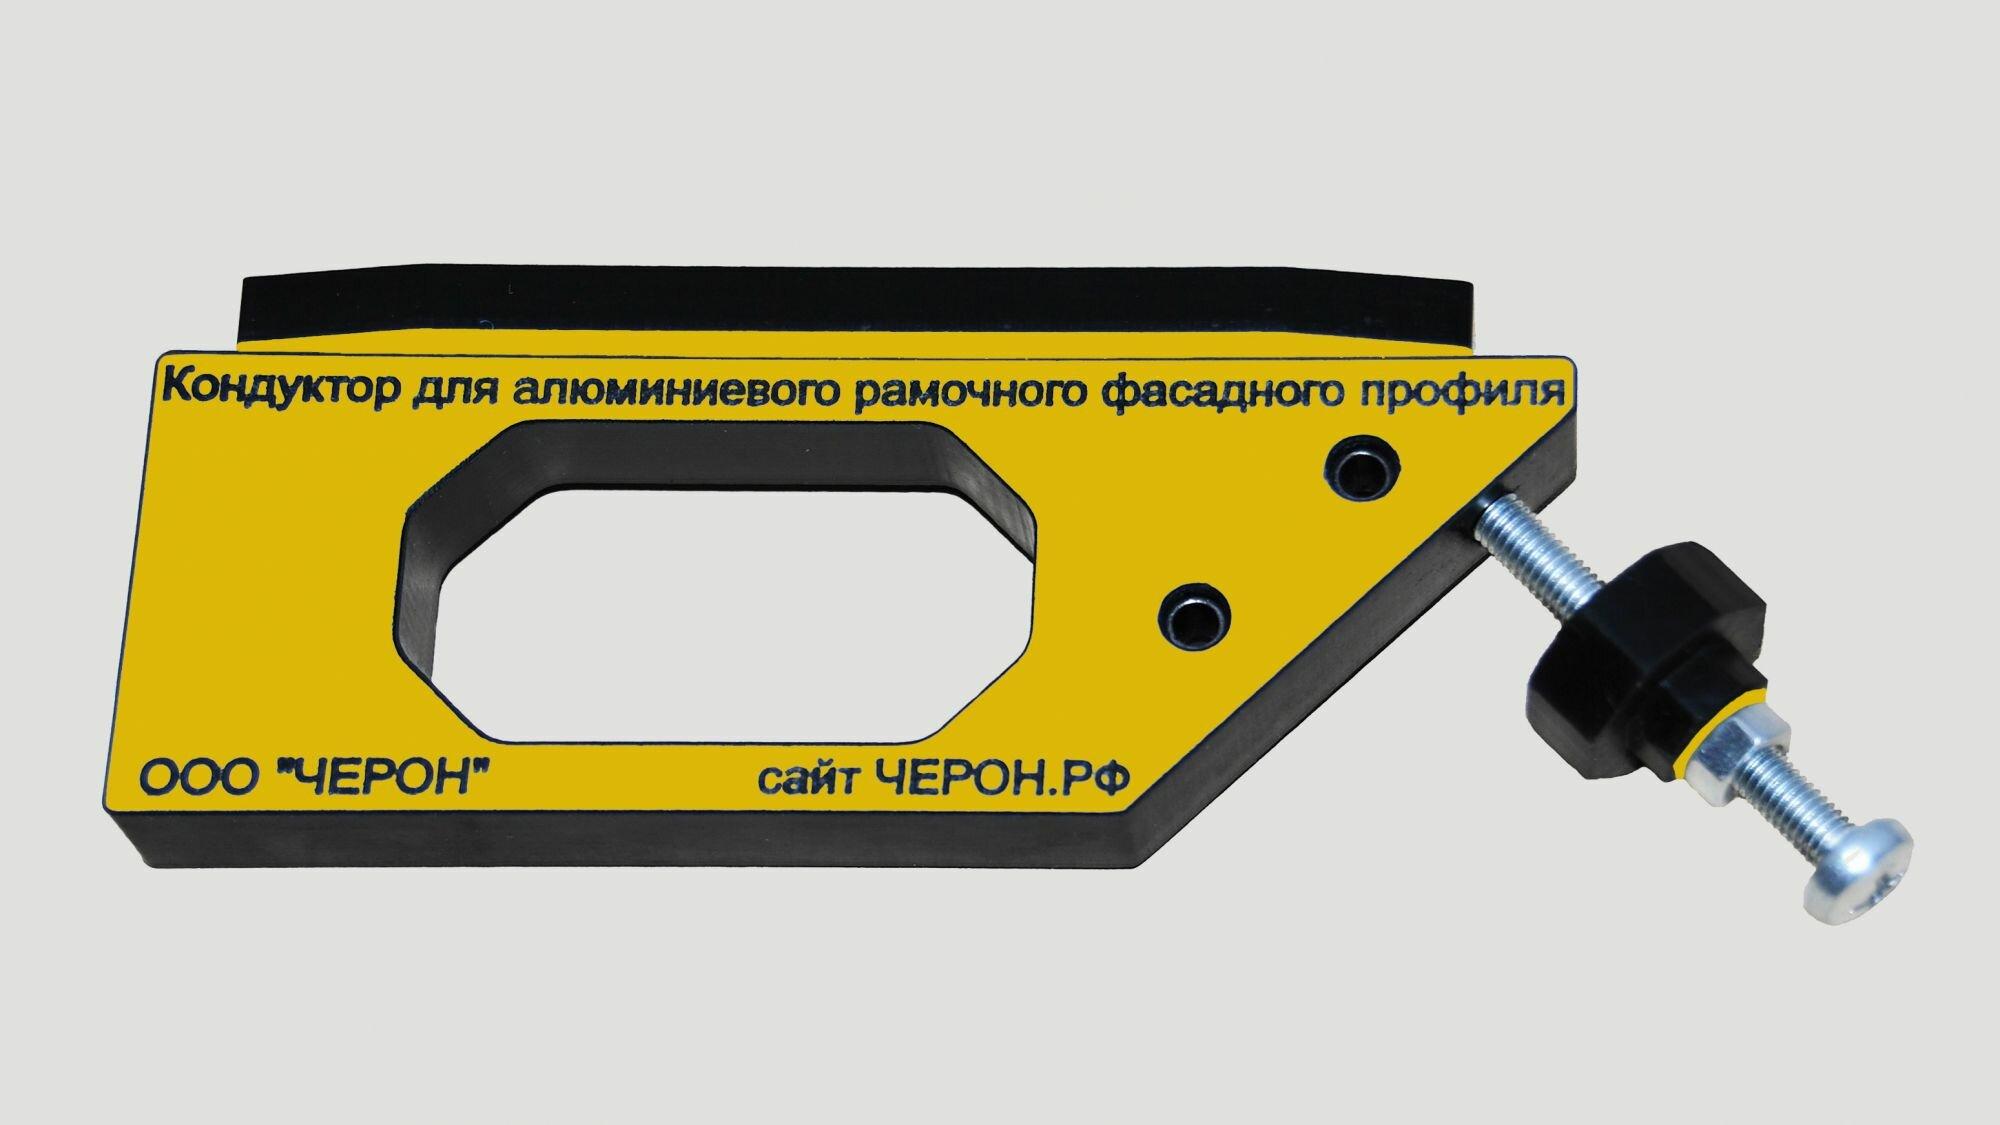 Мебельный кондуктор Черон Мебельный кондуктор для сборки фасадов из рамочного фасадного алюминиевого профиля. МК-08